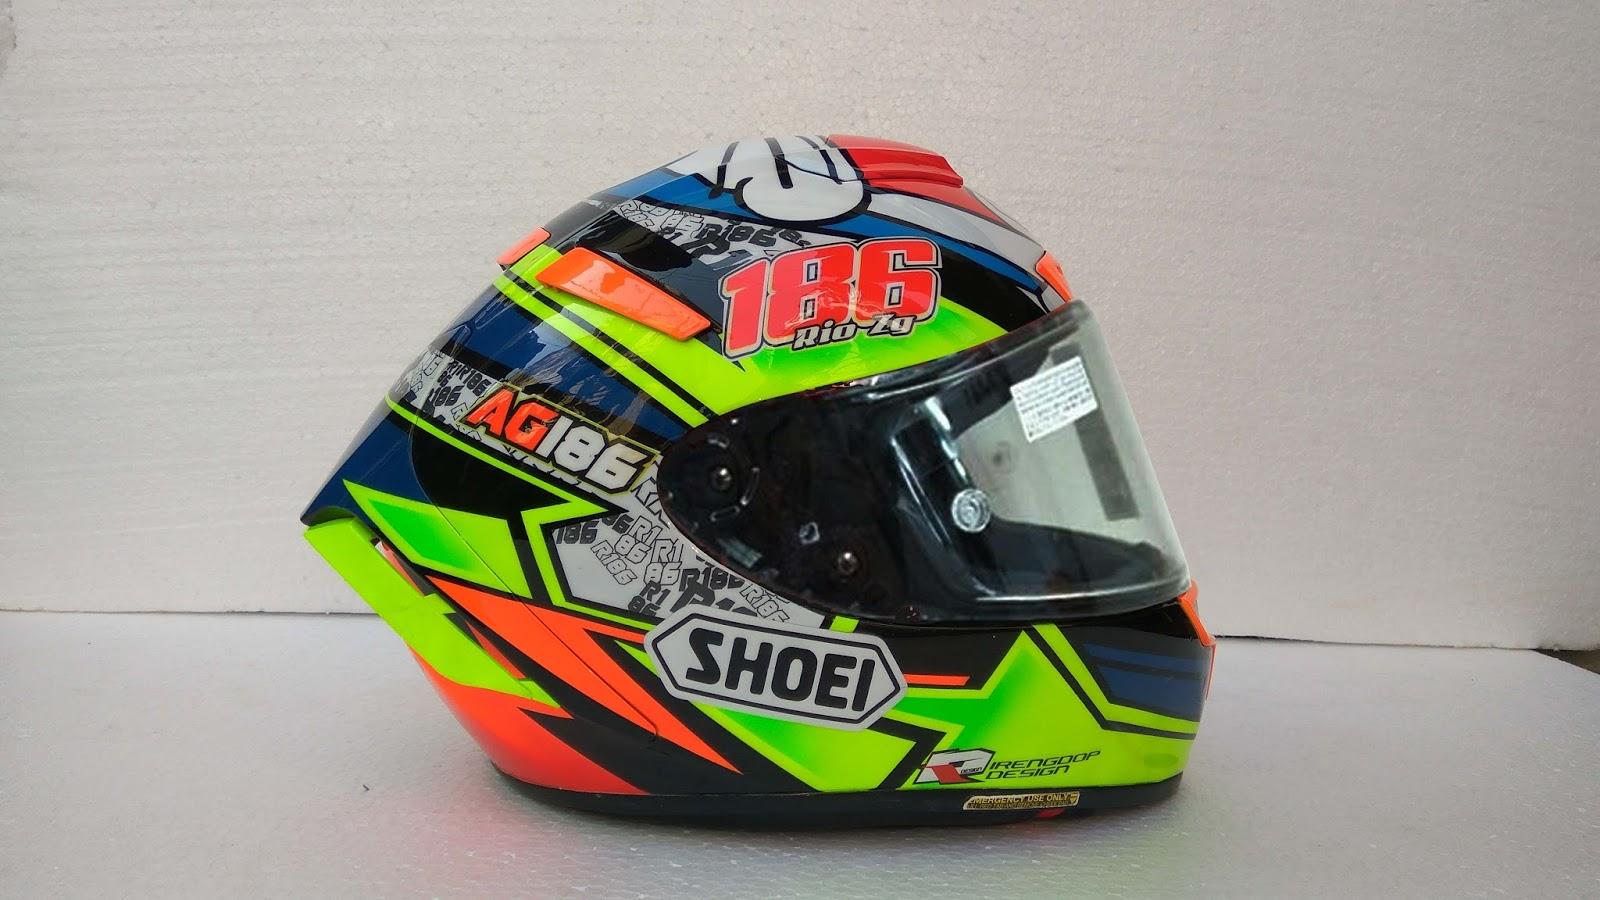 Helm Design irengdop design